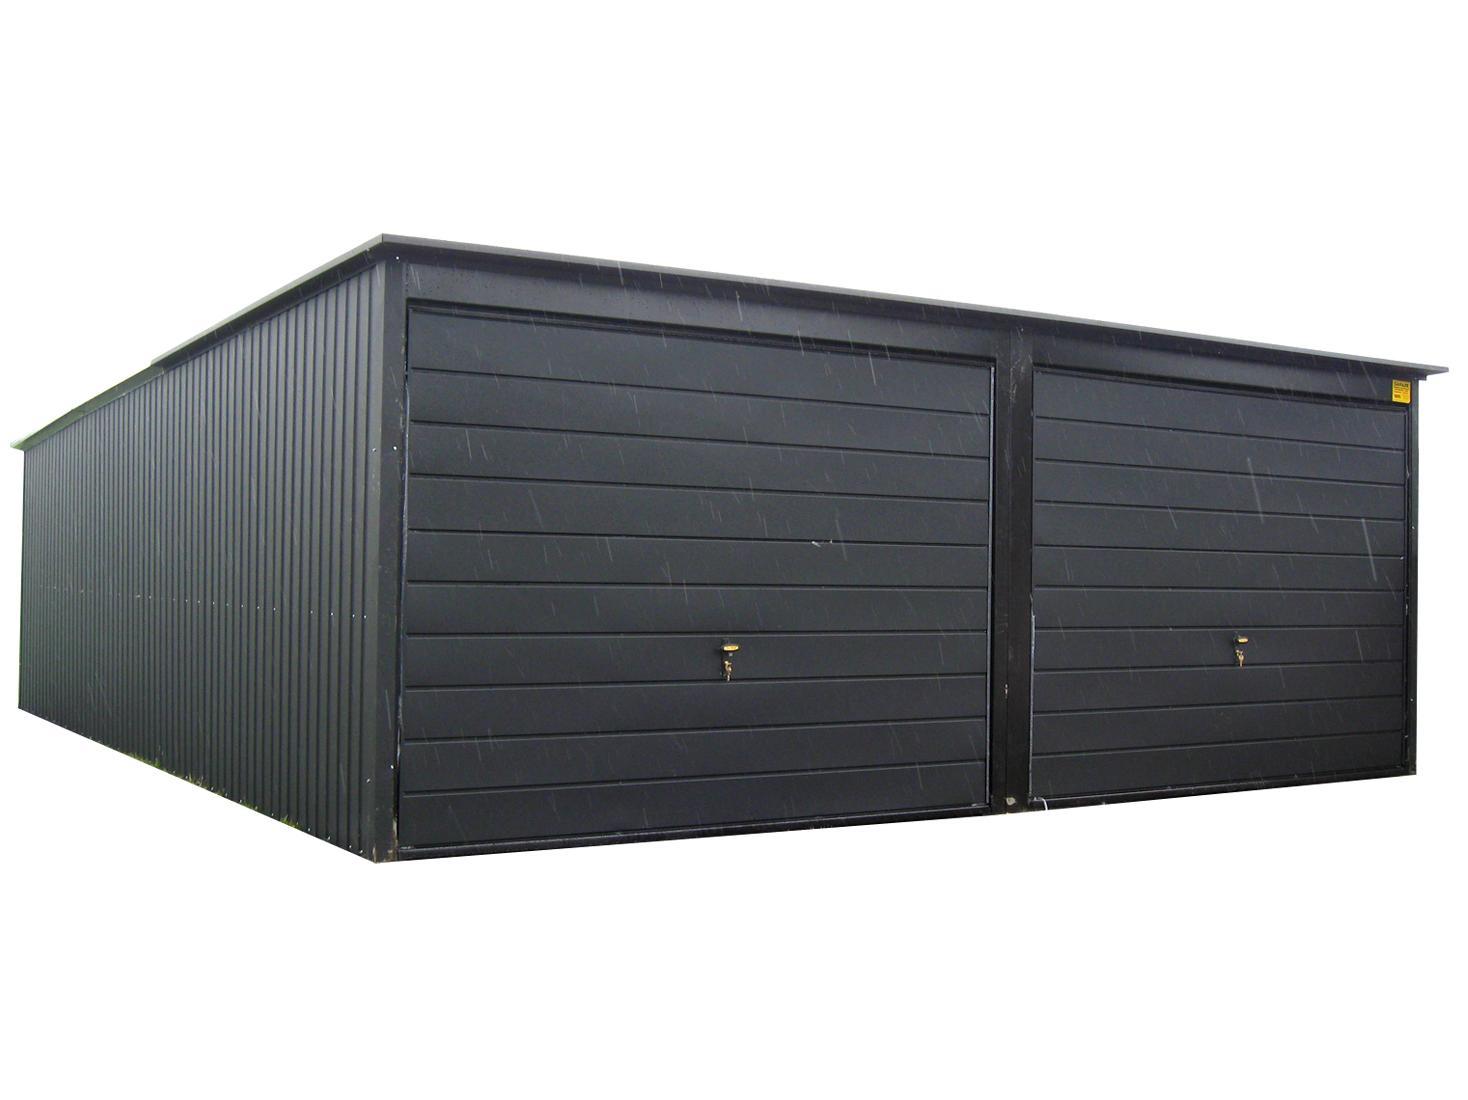 Garaż Blaszany Podwójny 5x5 Duży Kolory Ral Montaż 7321308789